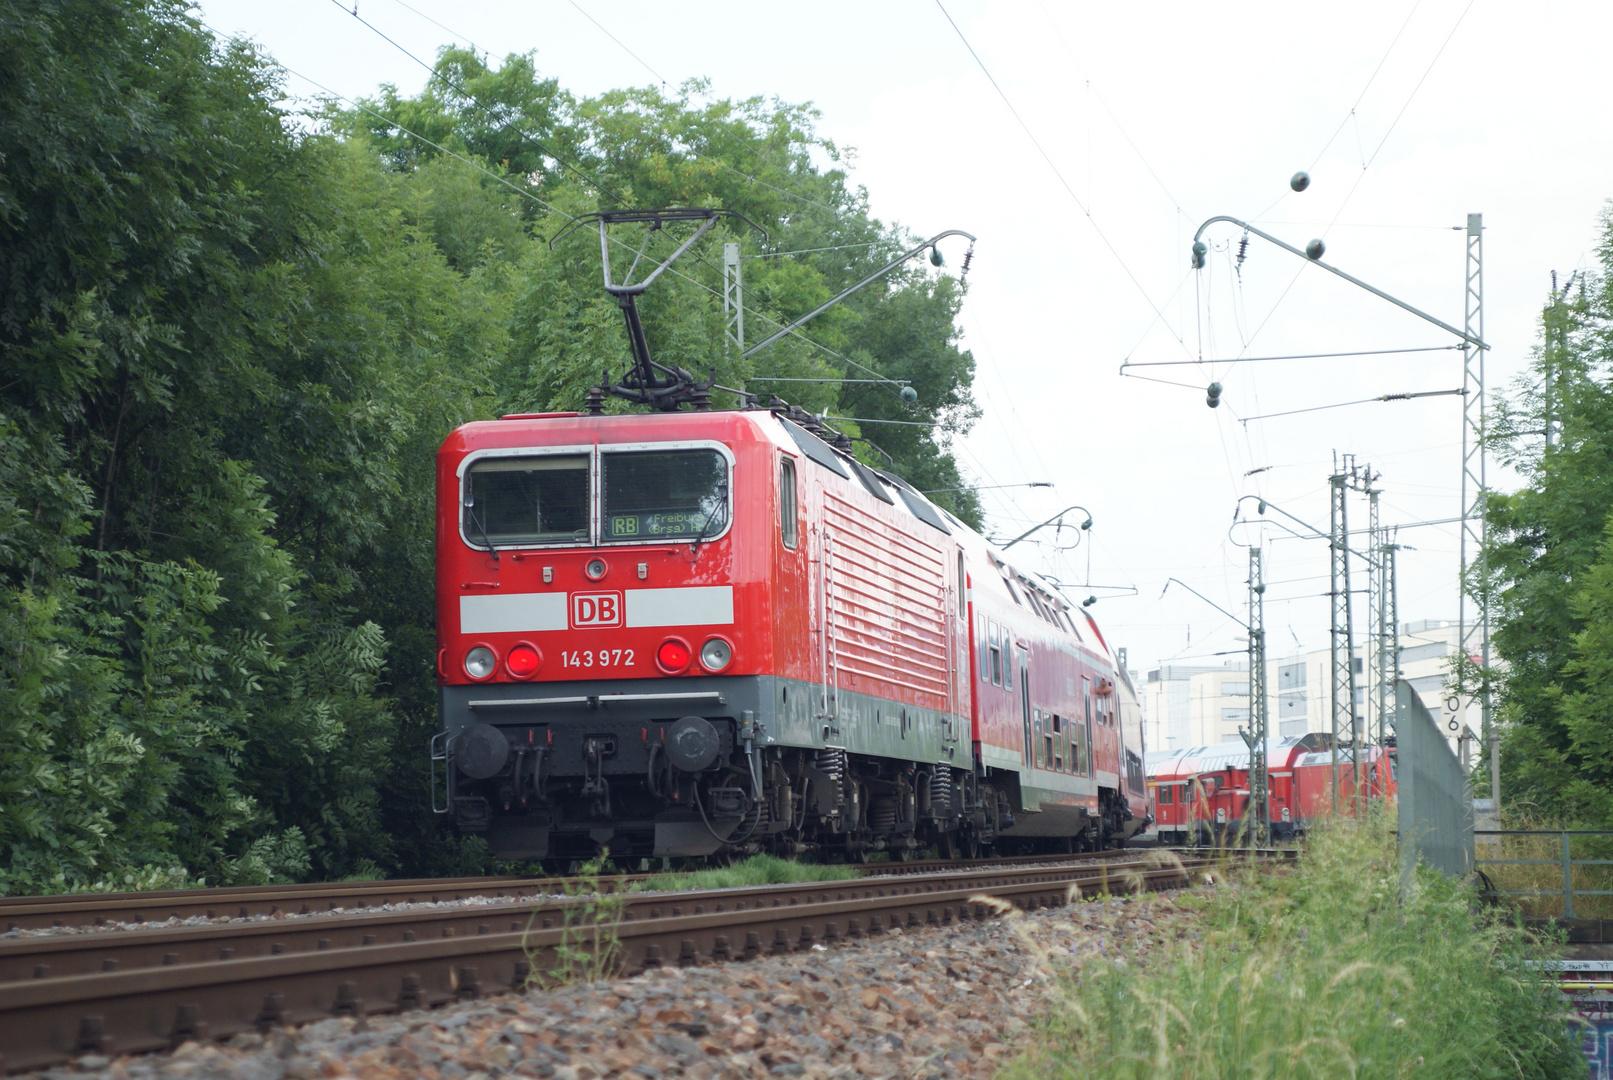 143 972 Gleiswechselbetrieb